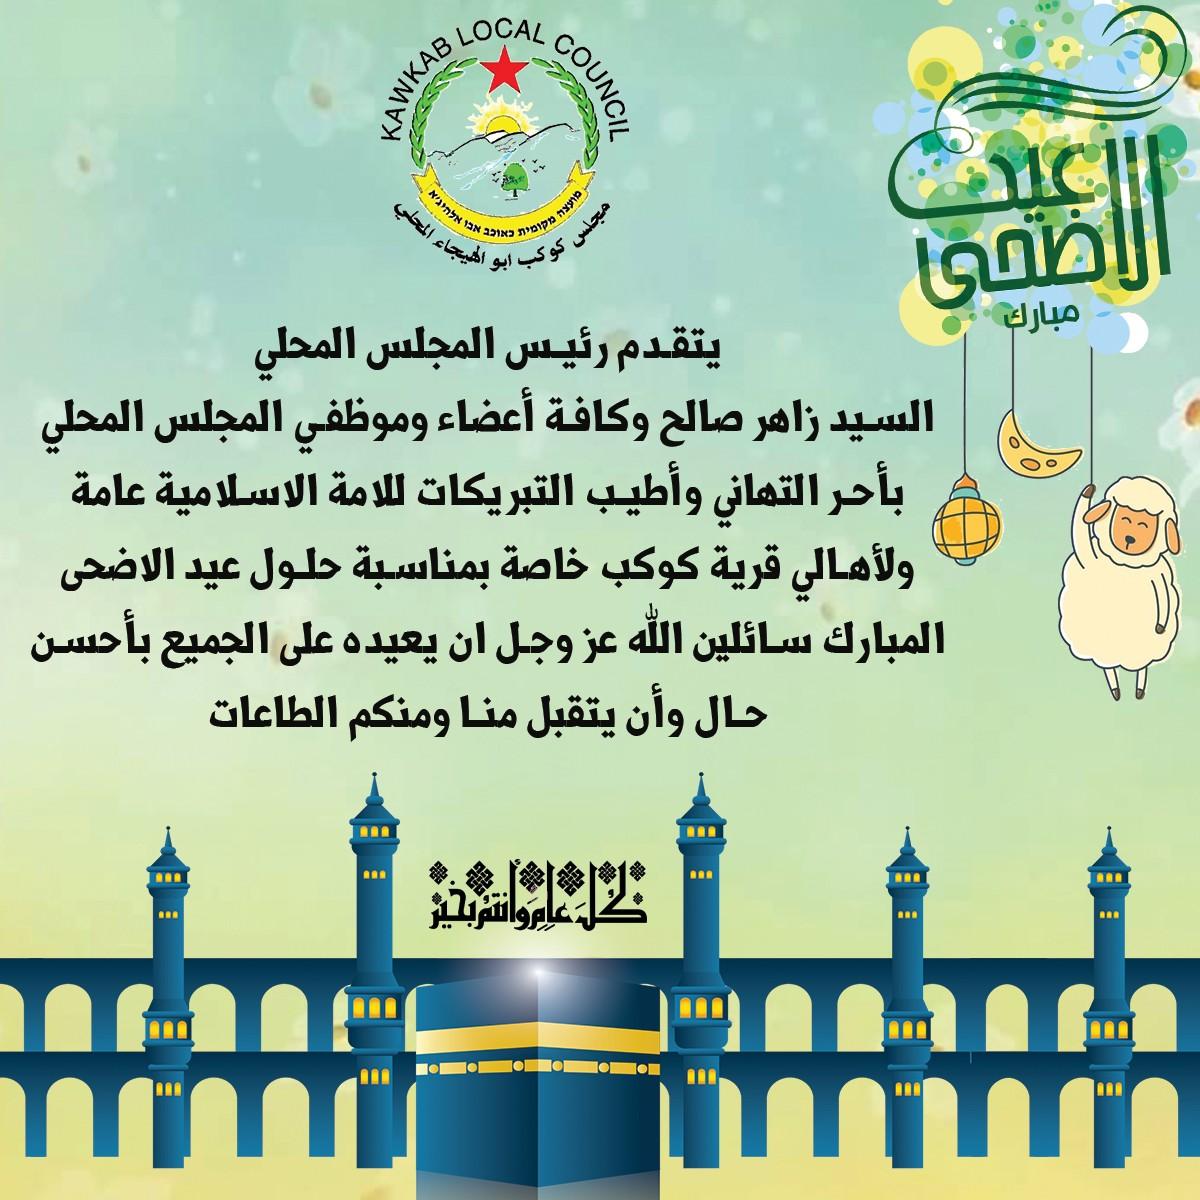 مجلس كوكب ابو الهيجاء المحلي يهنىء بحلول عيد الأضحى المبارك